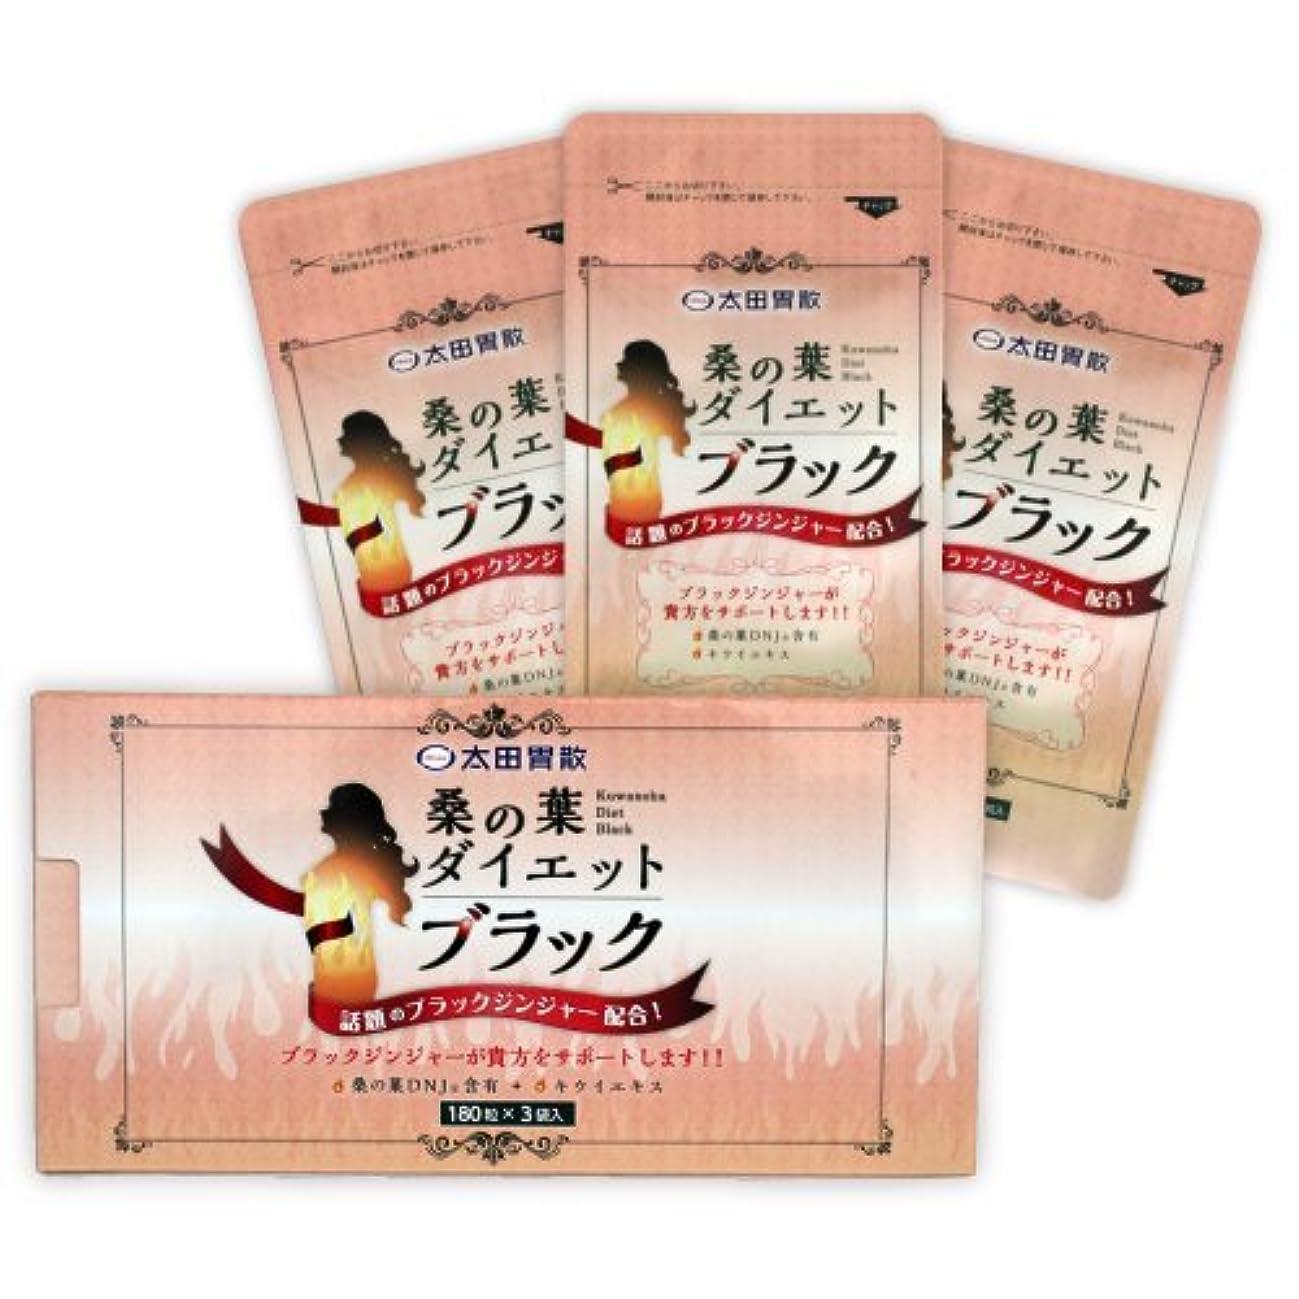 結核滴下インカ帝国太田胃散 桑の葉ダイエットブラック (180粒×3袋)